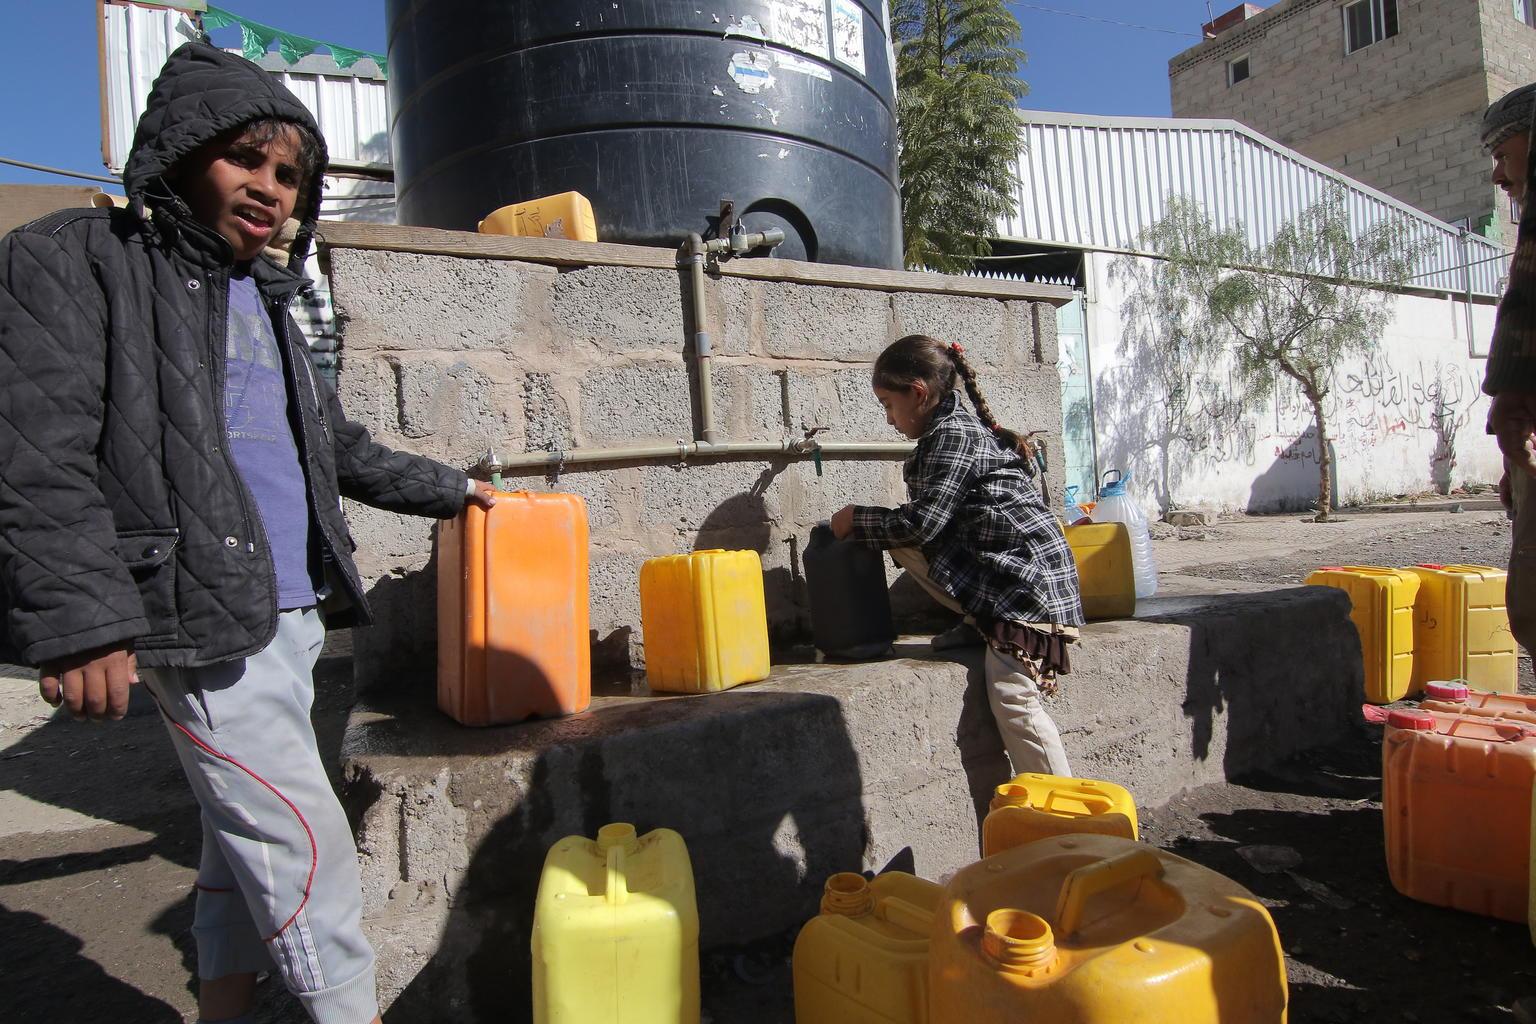 Le mercredi 13 décembre 2017 : Des enfants remplissent des jerricans d'eau potable à un réservoir d'eau...